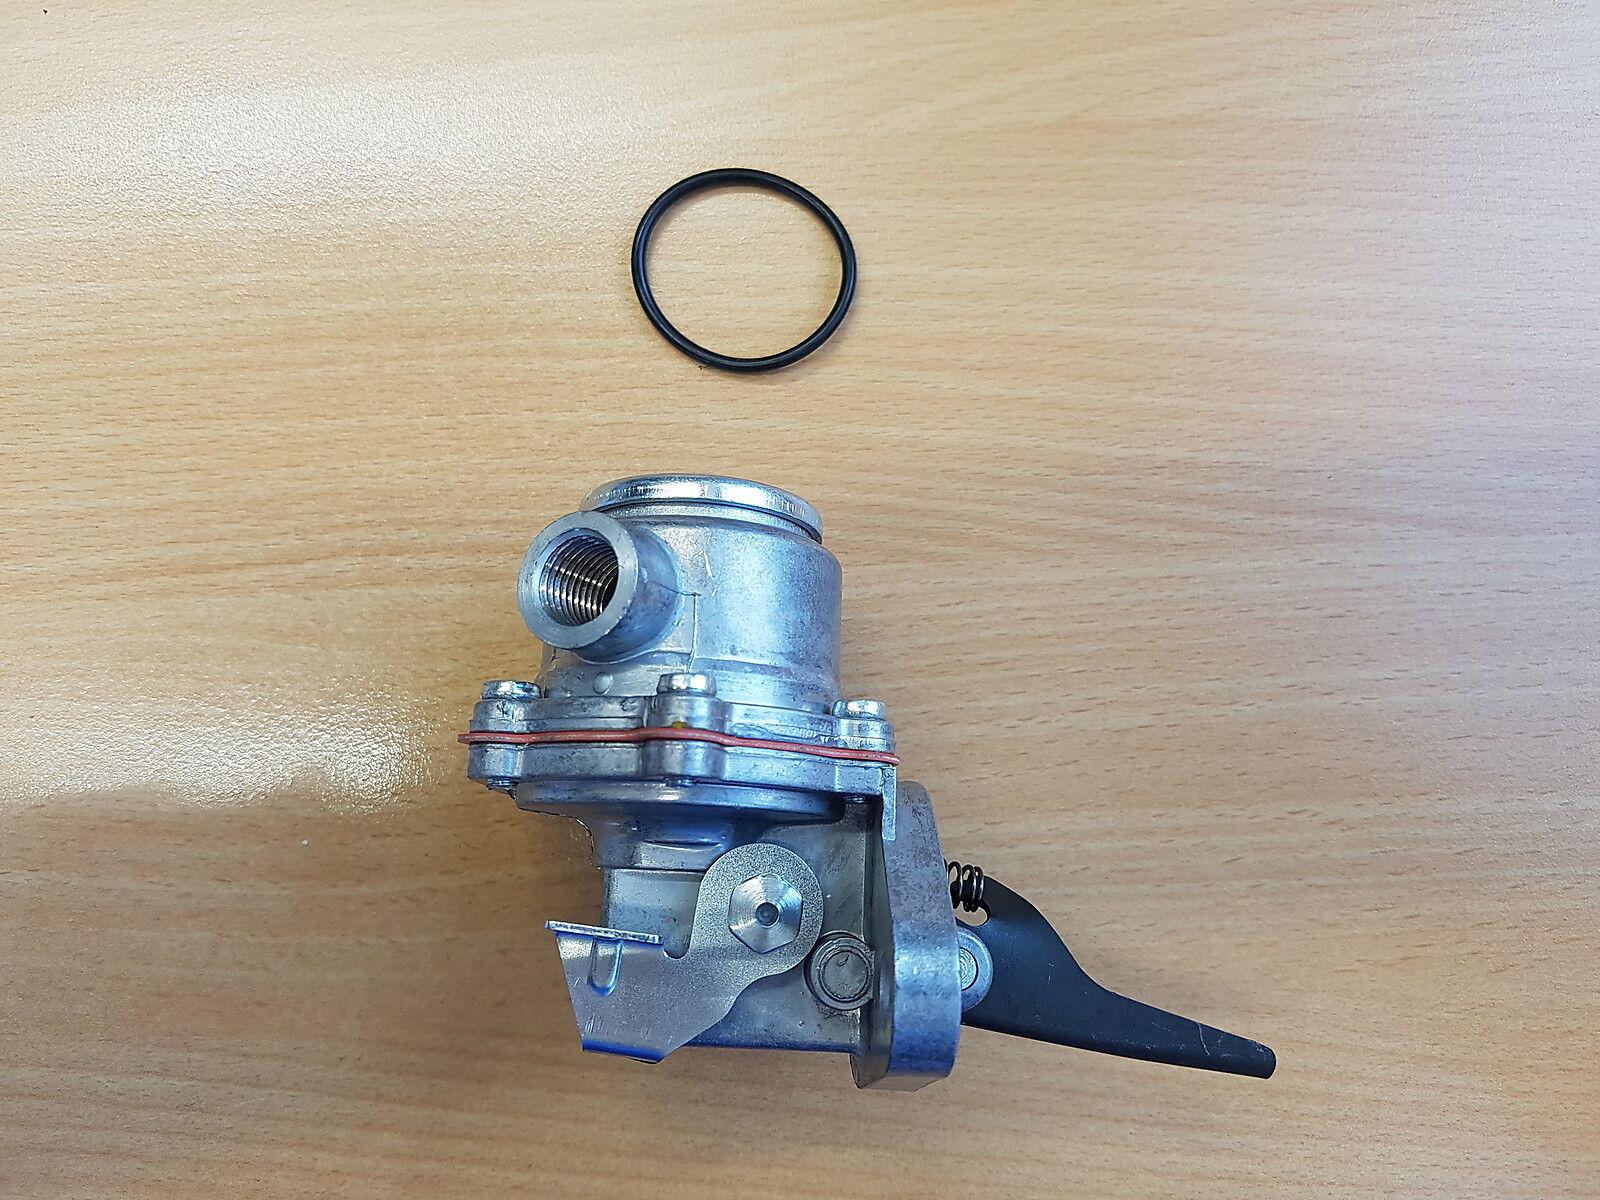 Pompe de Puisard Diesel 6005027558 Renault 90-34,110-54,120-54,133-54 - OE: 6005027558 Diesel 61a498